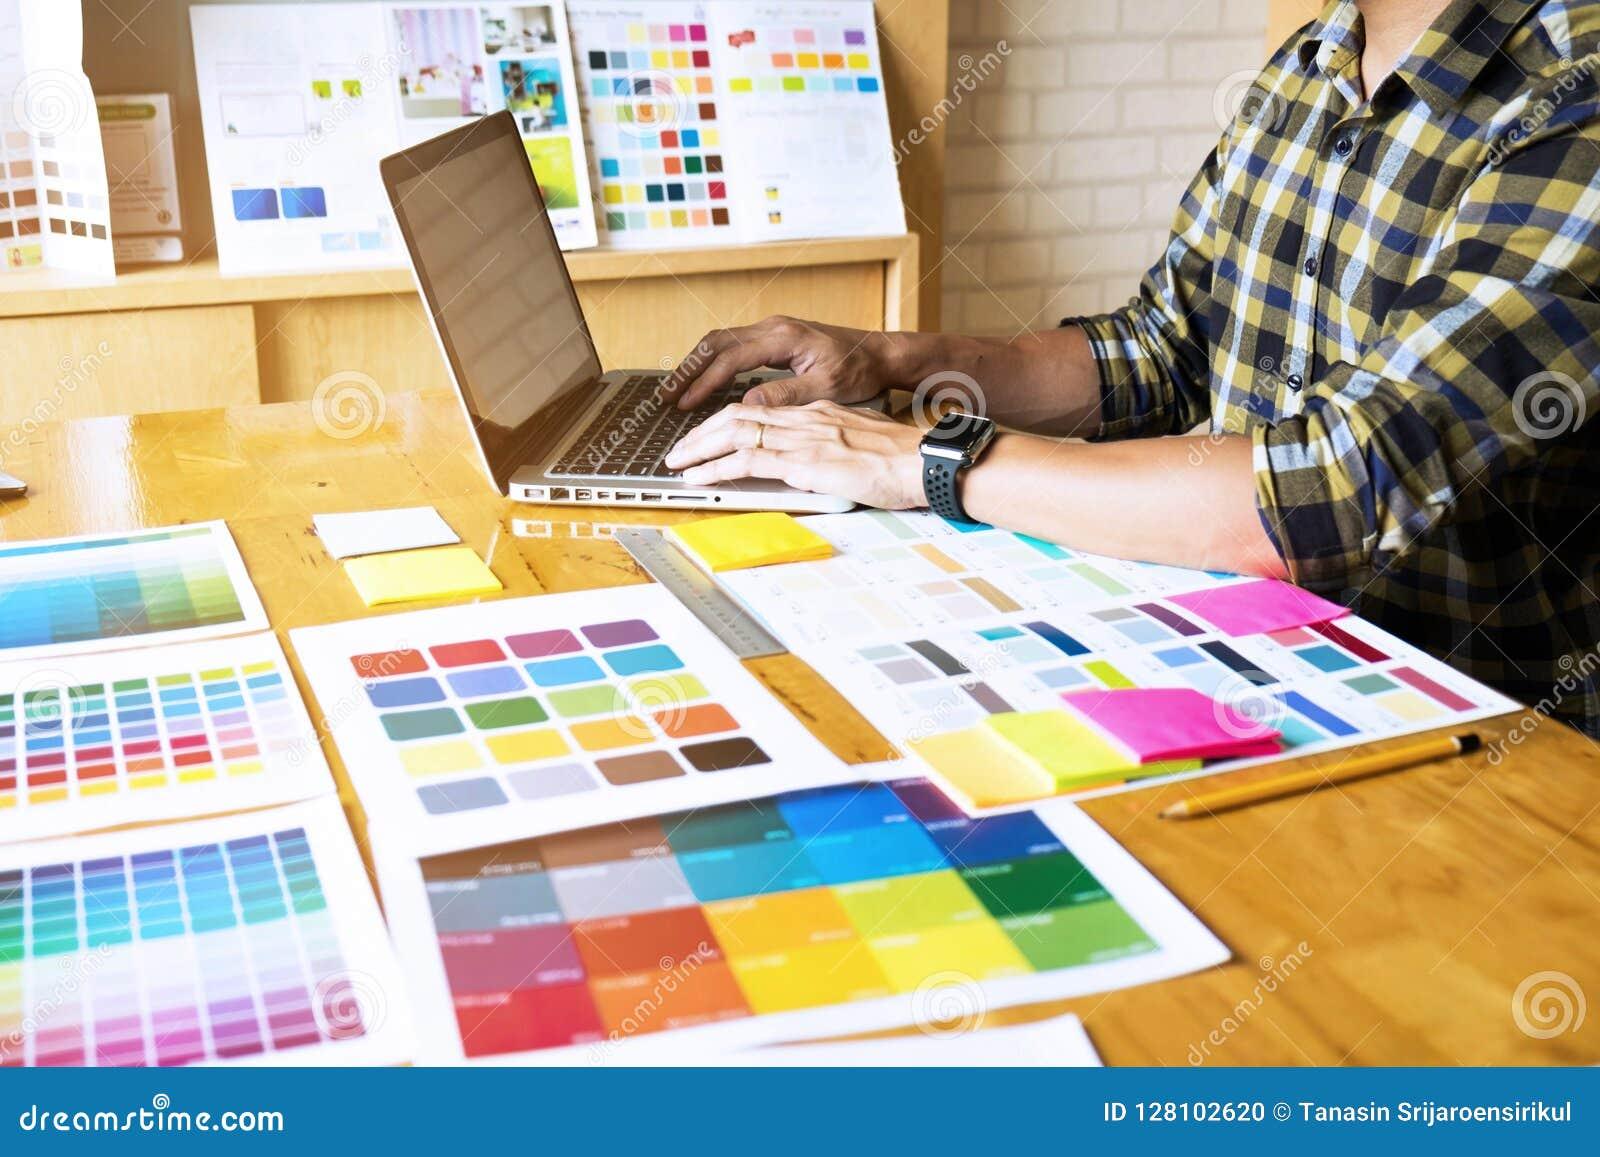 Projektant grafik komputerowych używają laptop wybierać kolory od koloru baru przykładu dla projektów pomysłów, Kreatywnie projek